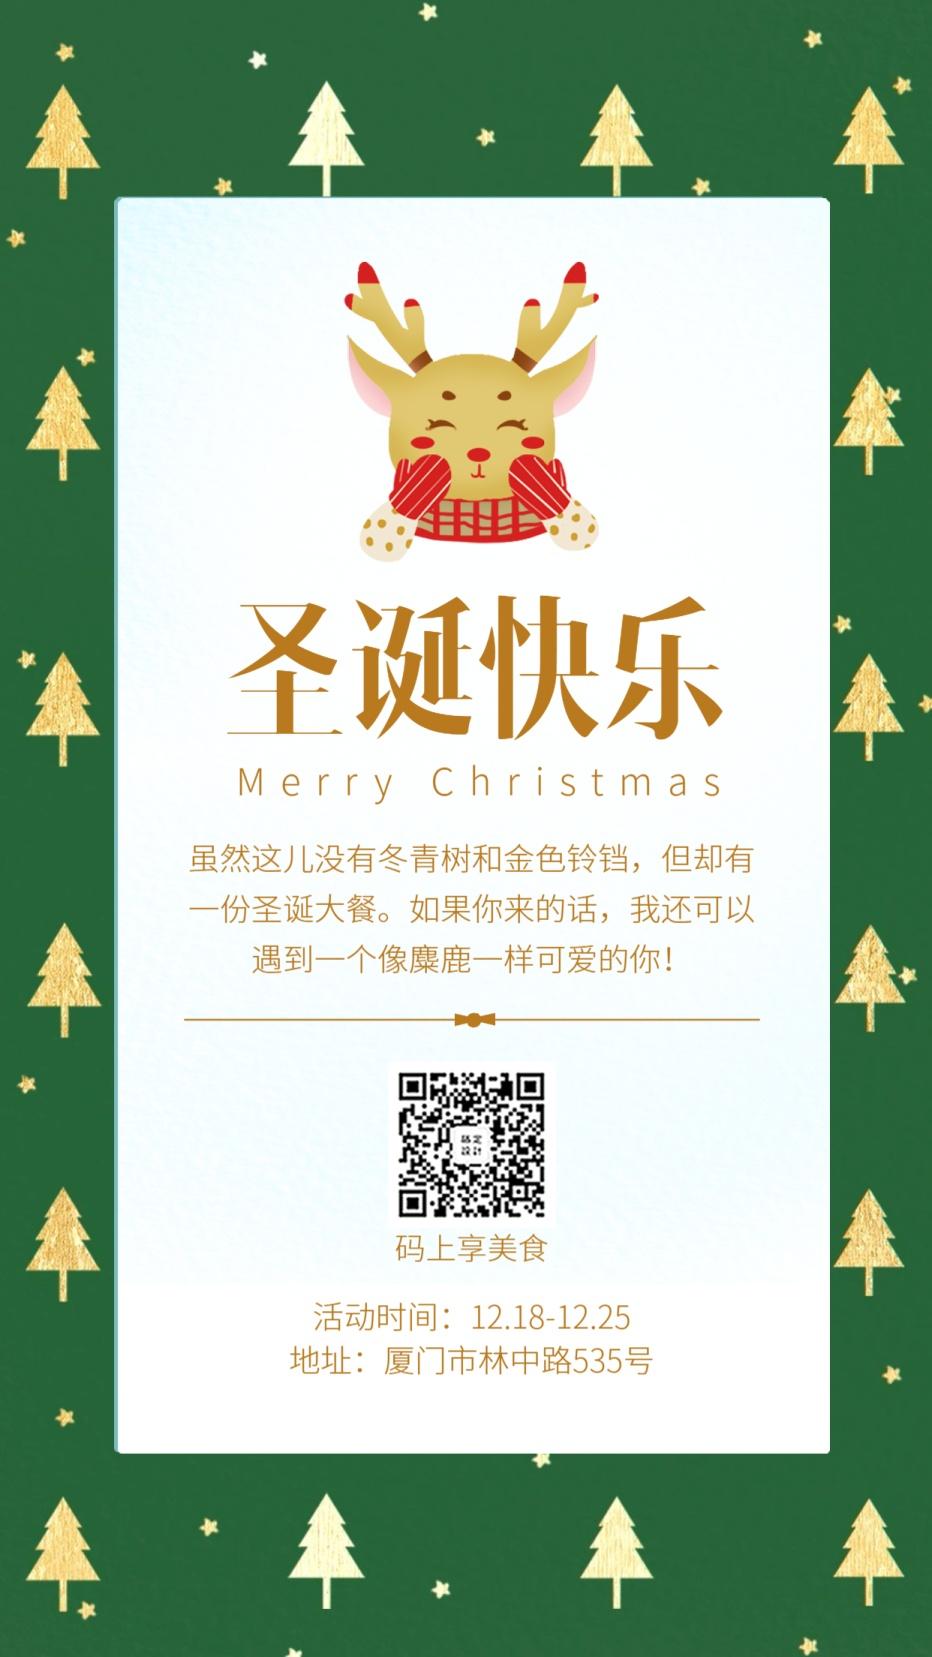 圣诞节祝福/餐饮门店/创意贺卡/手机海报